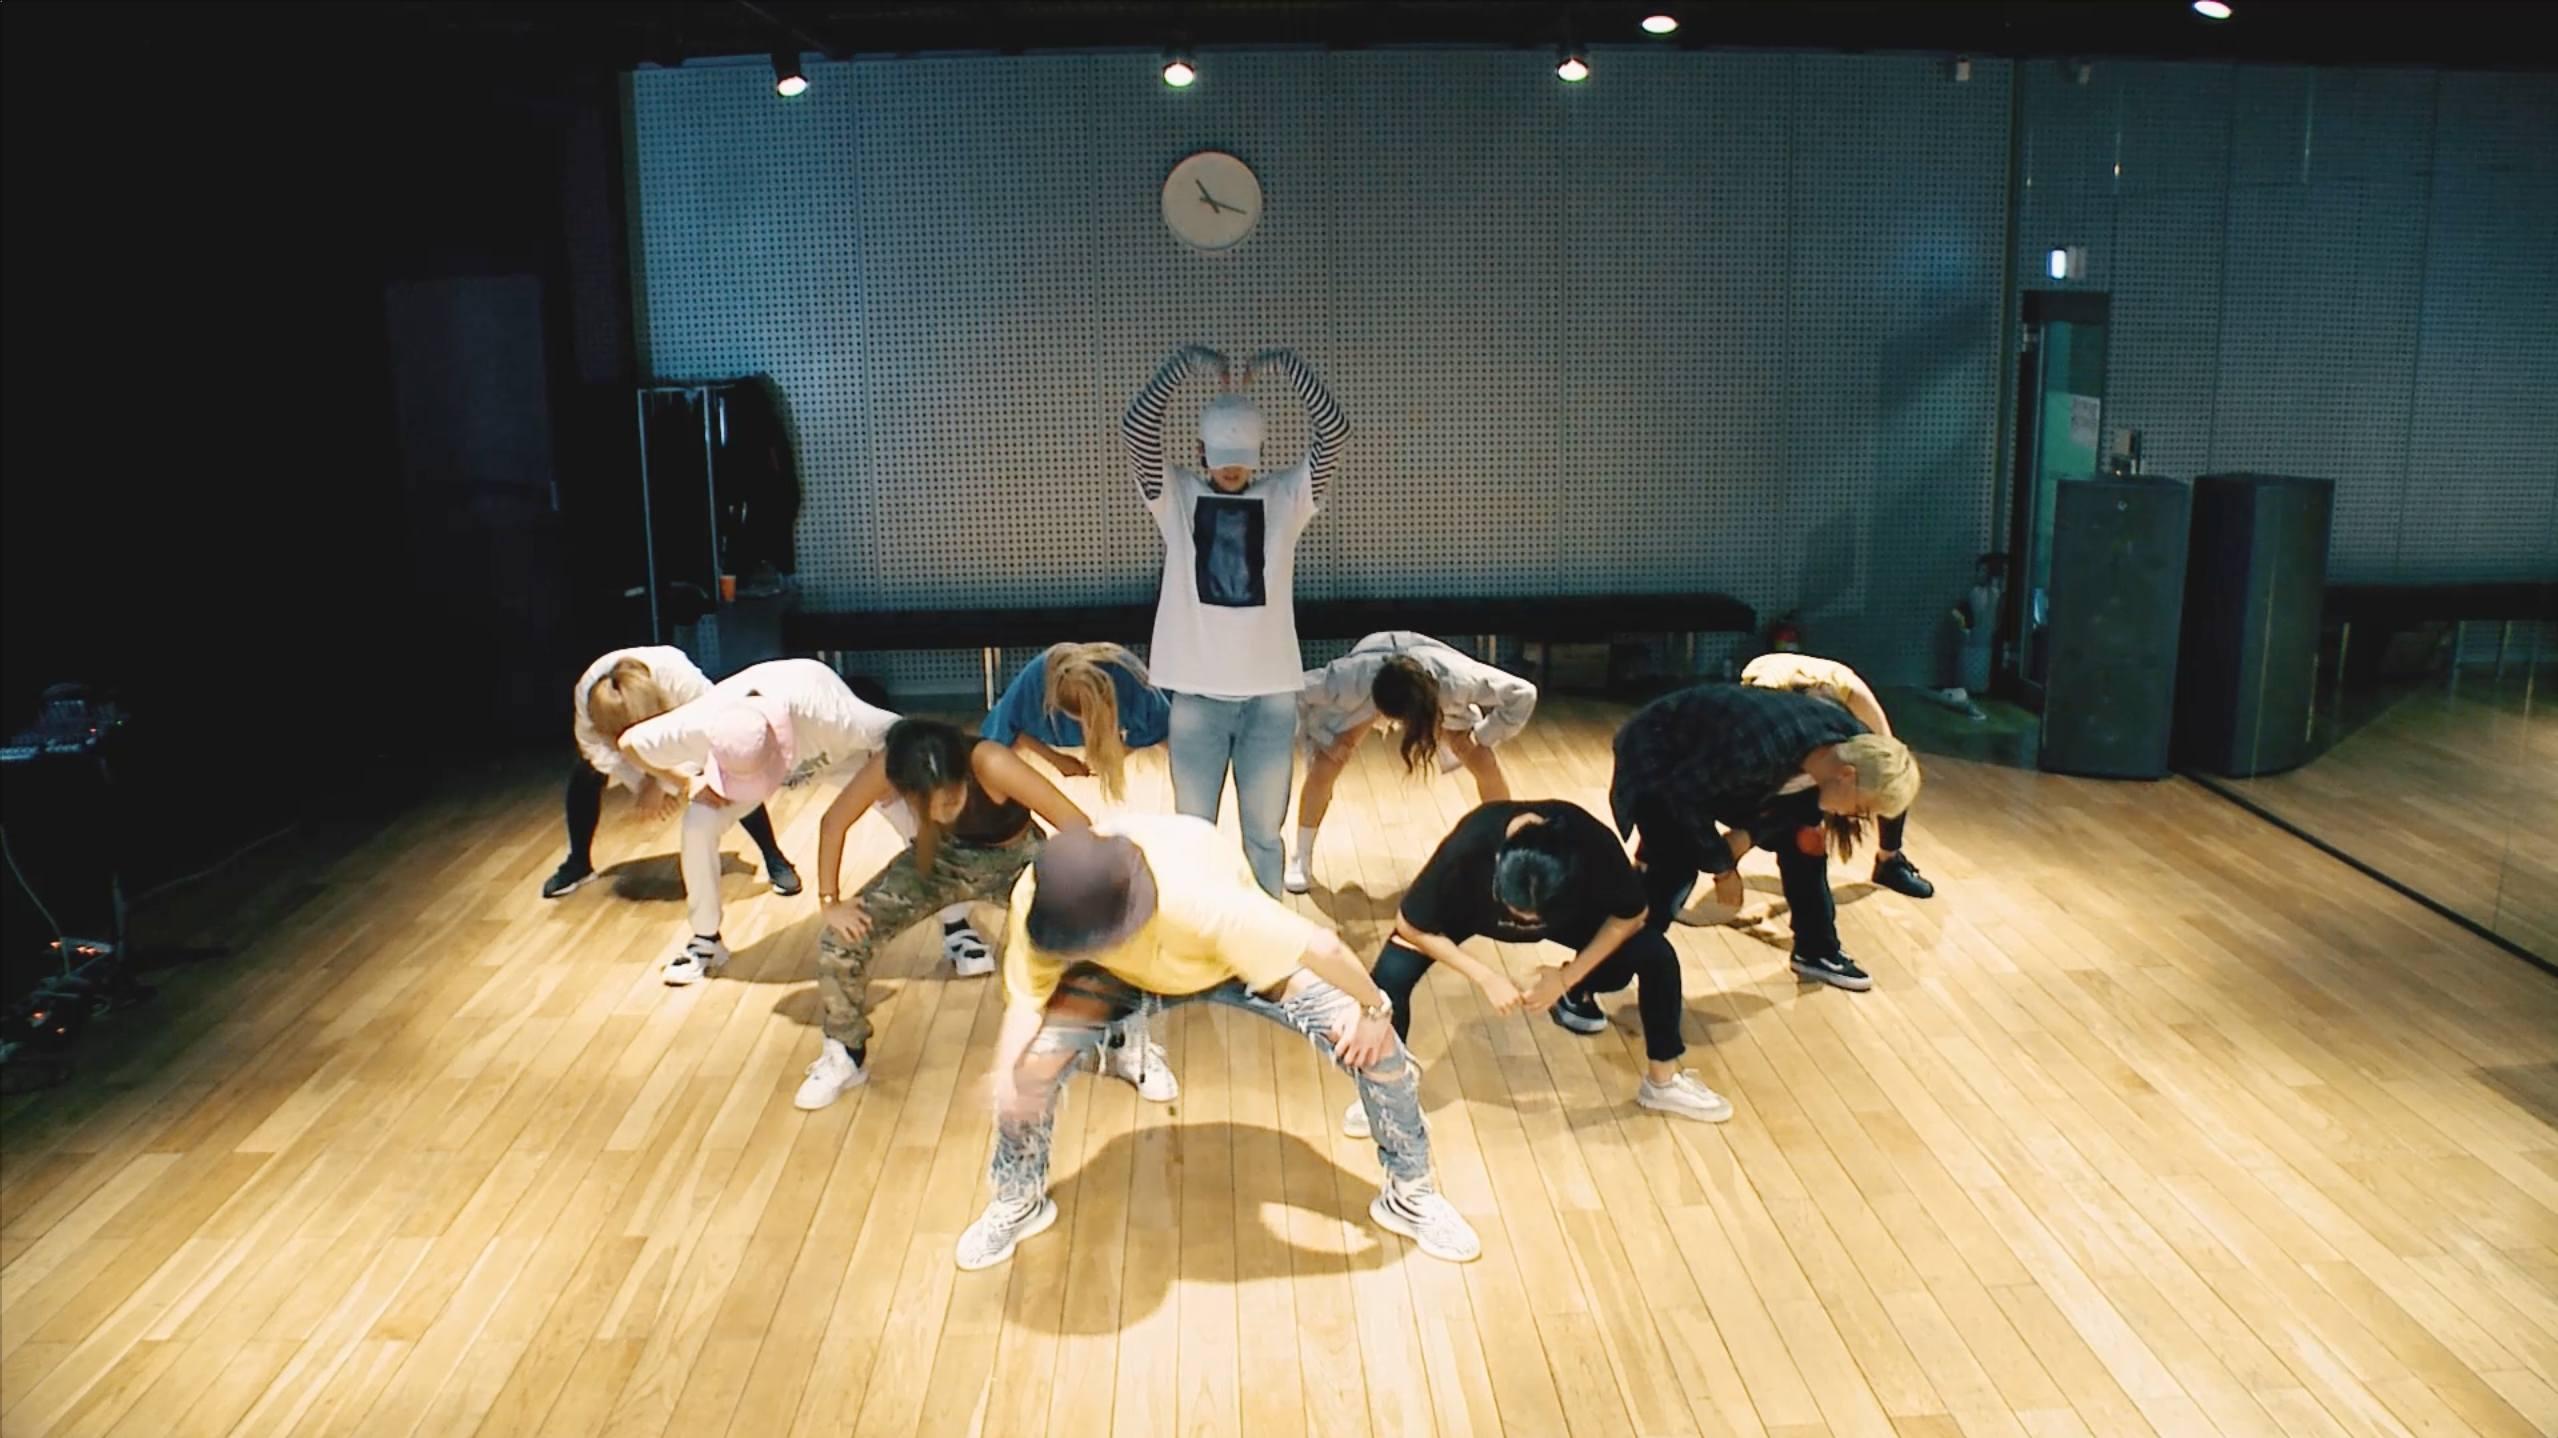 WINNER - 'ISLAND' DANCE PRACTICE VIDEO